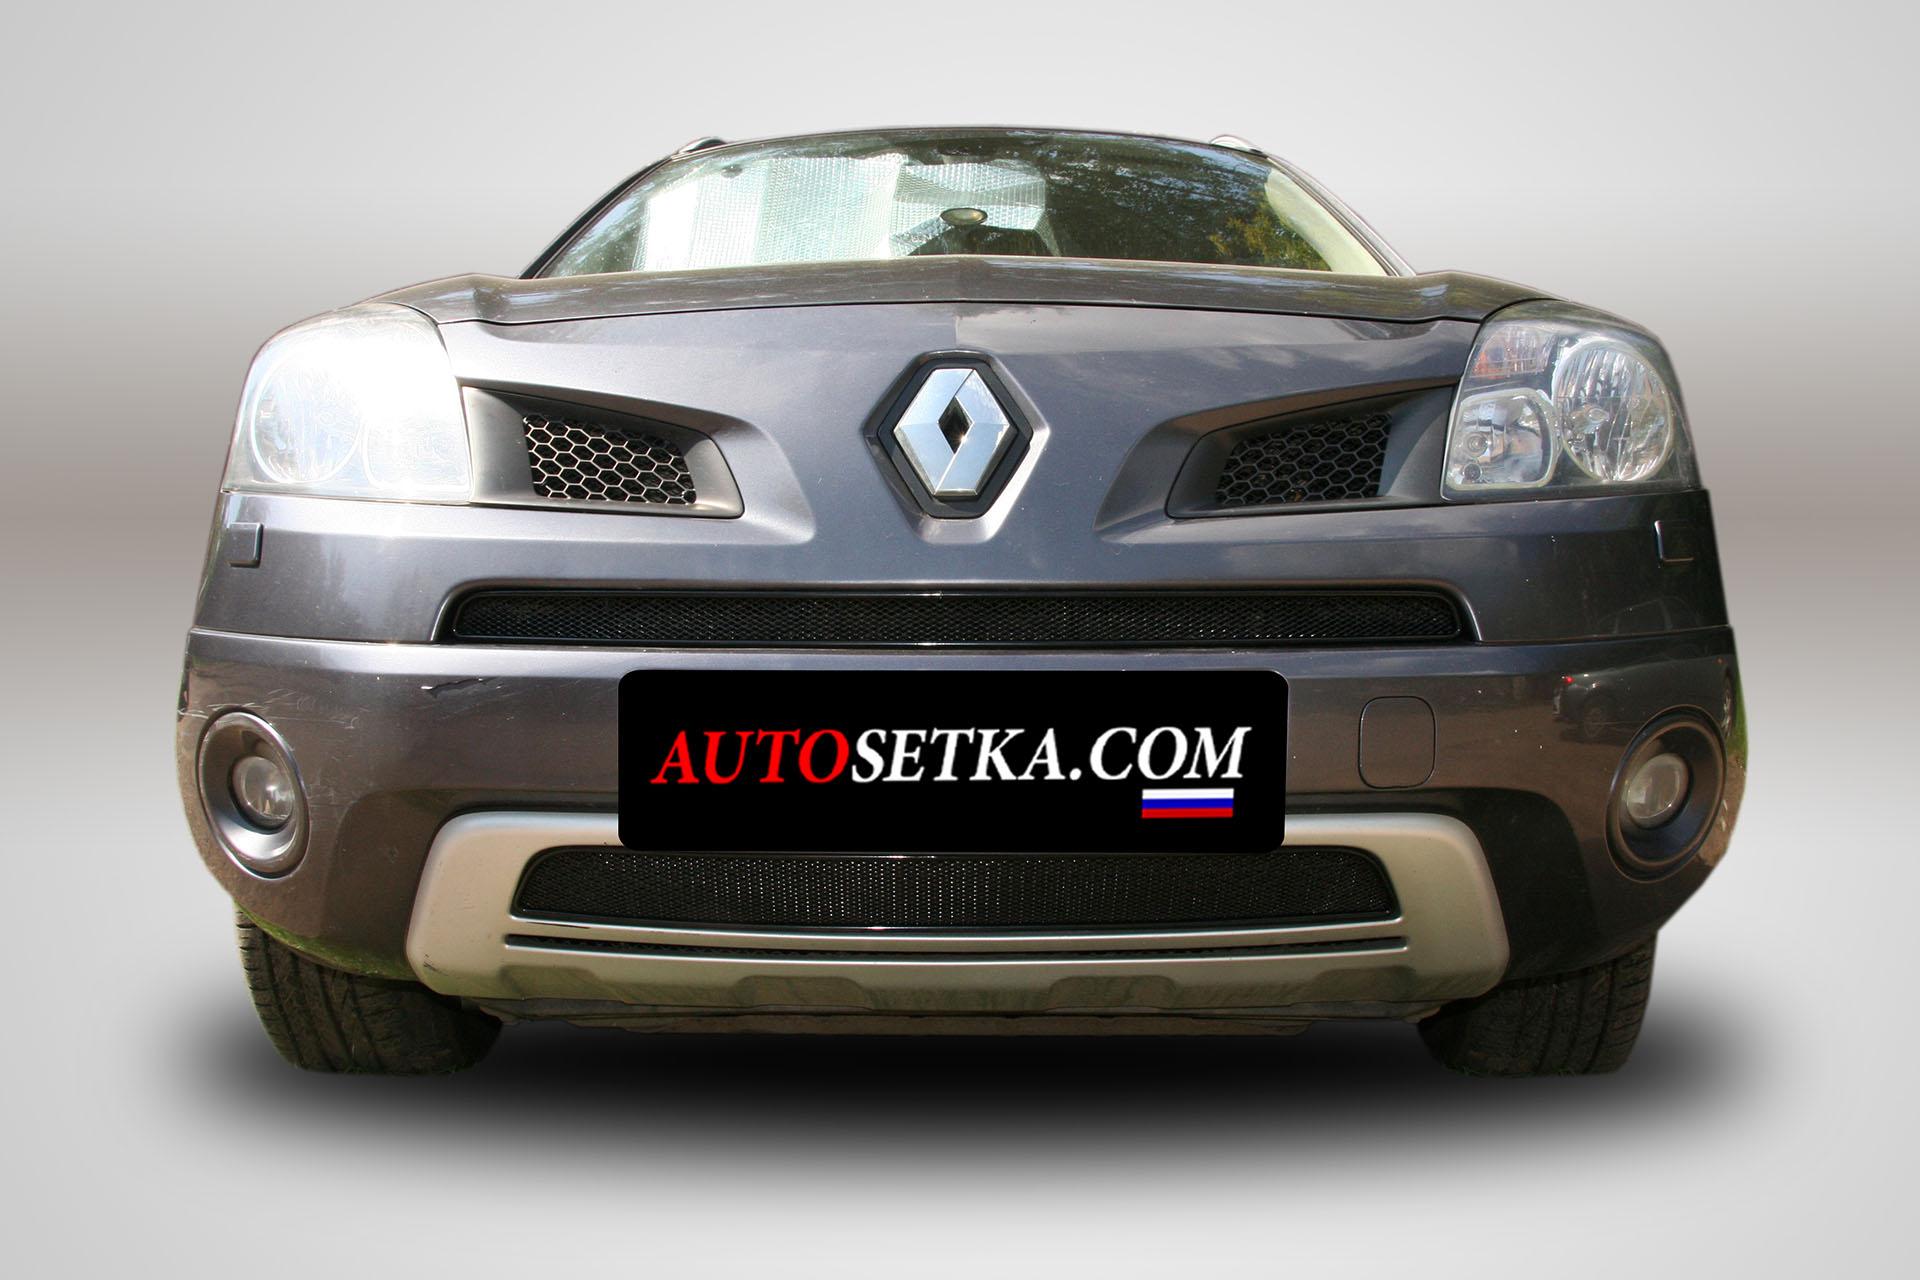 Renault Koleos (2008-2011) С накладкой.